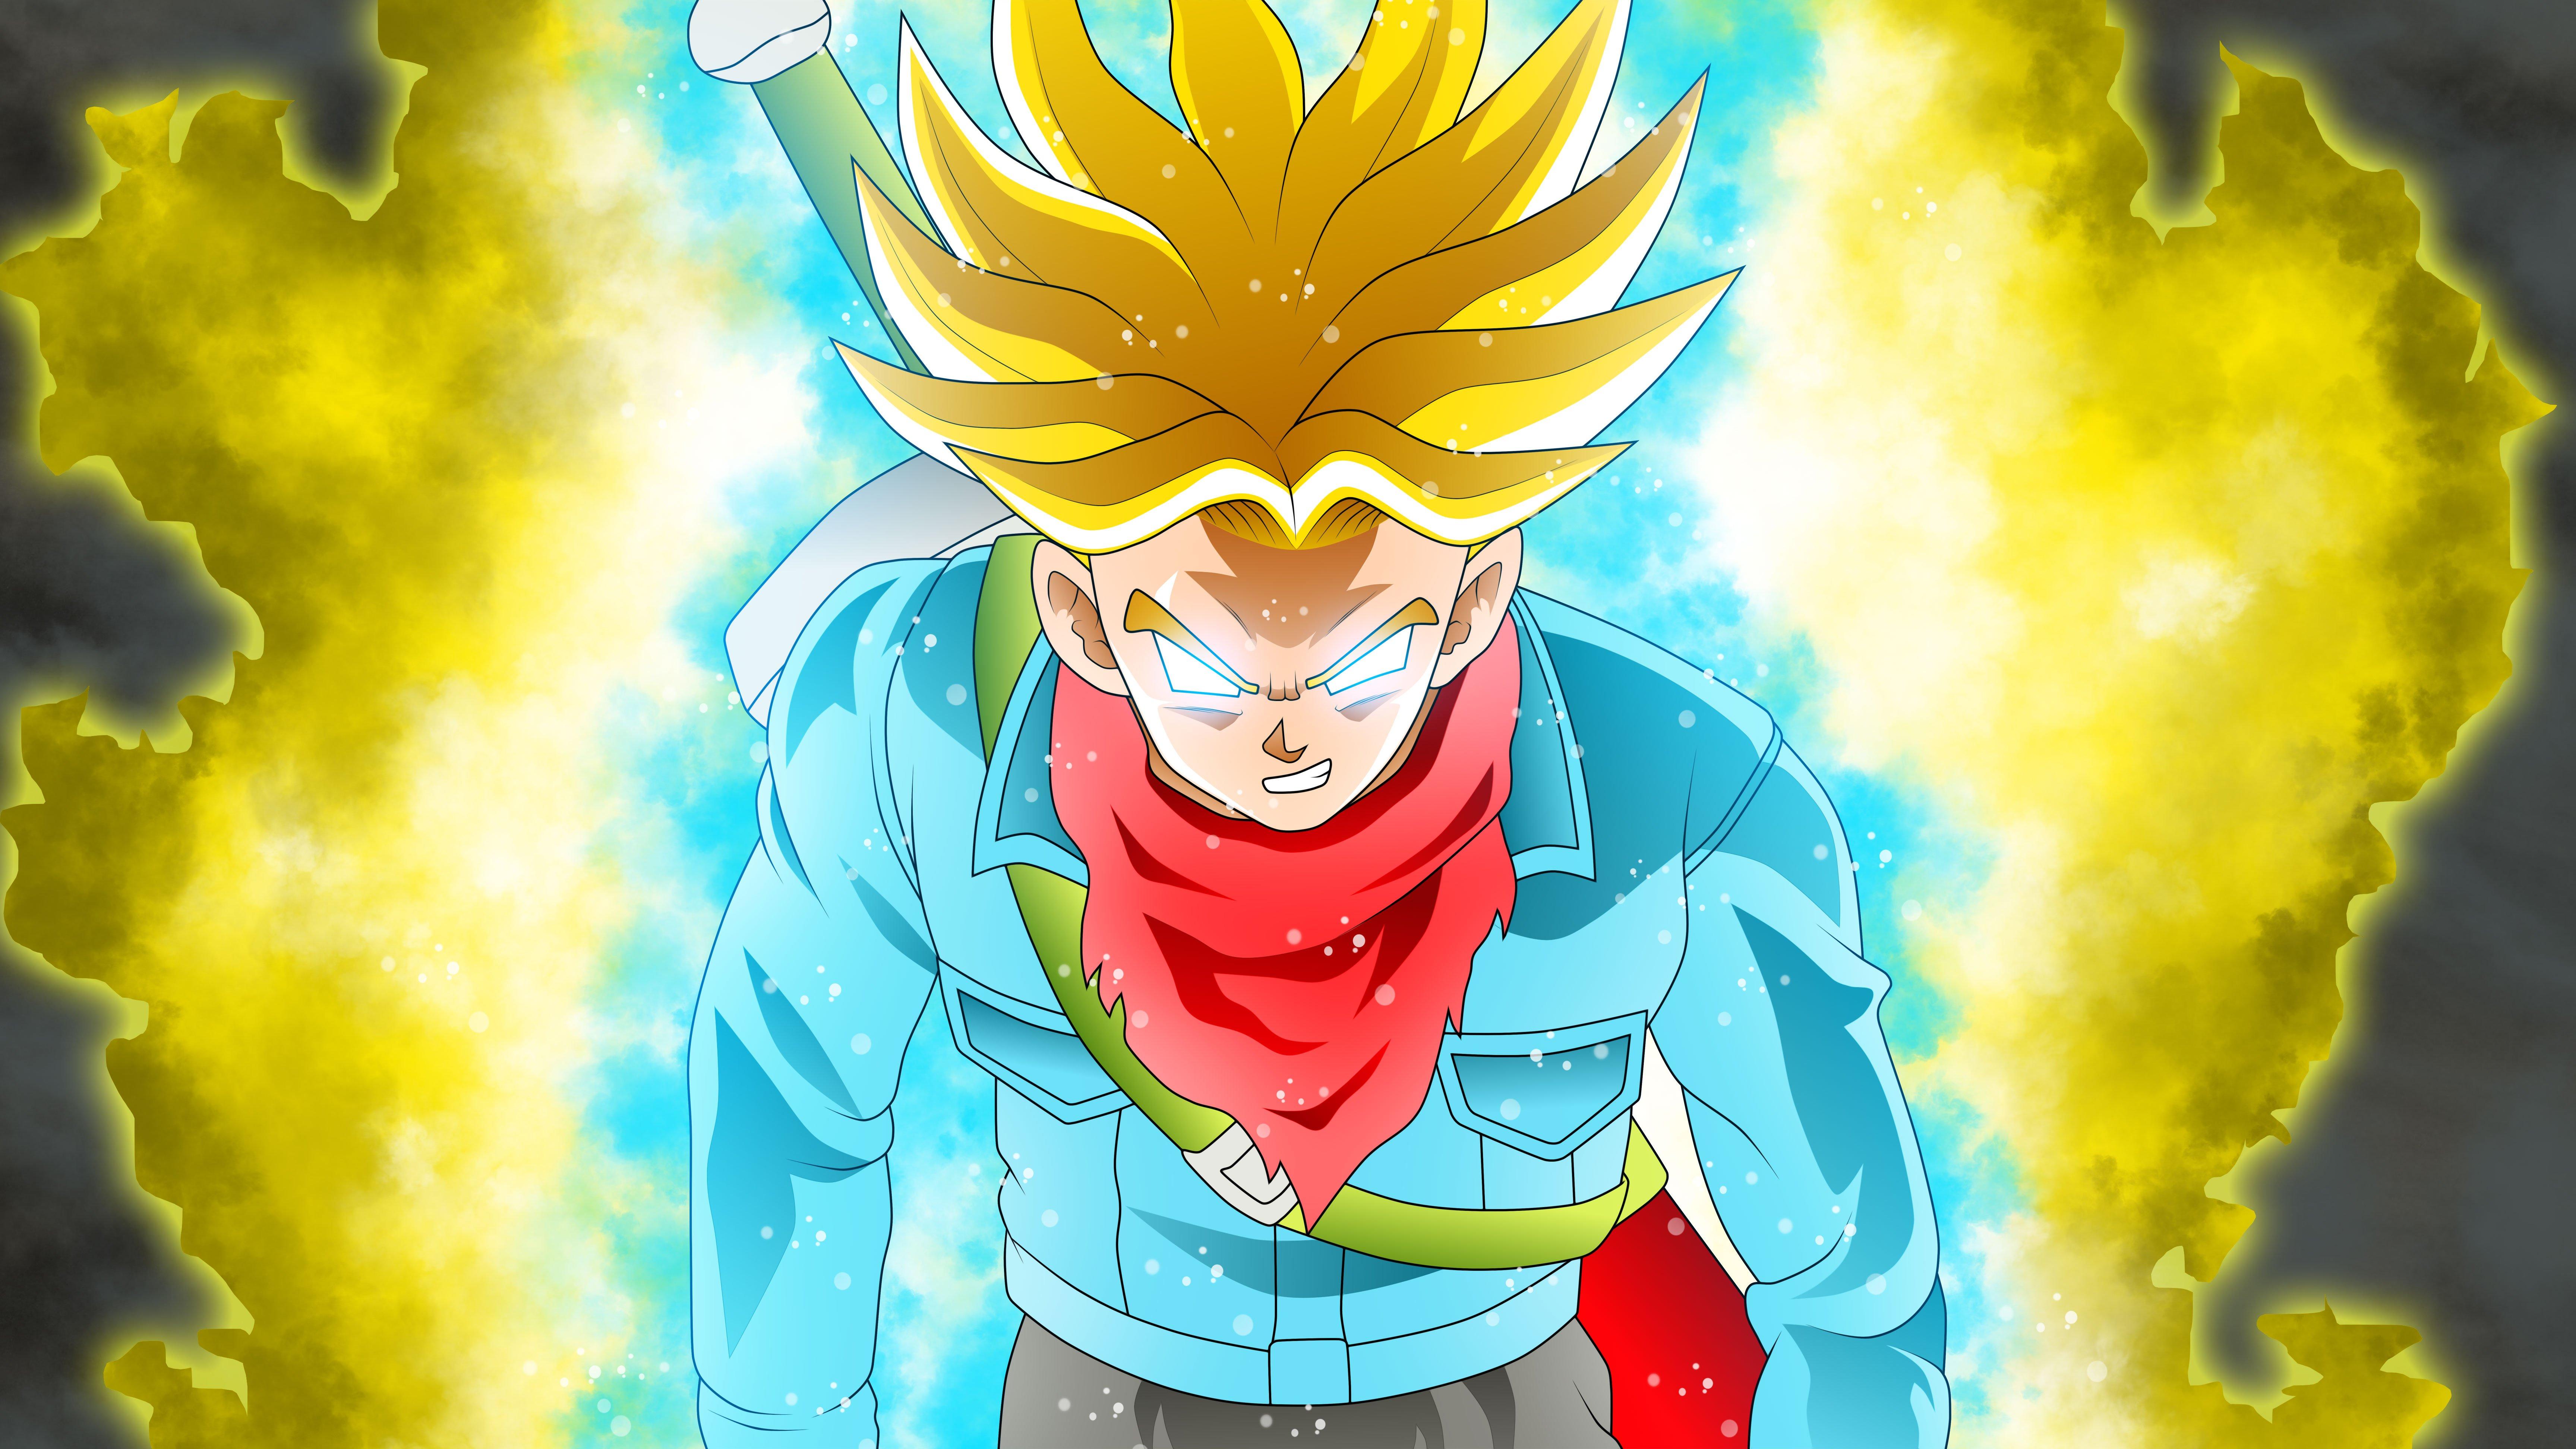 Fondos de pantalla Anime Trunks Super Saiyan Rage en Dragon Ball Super